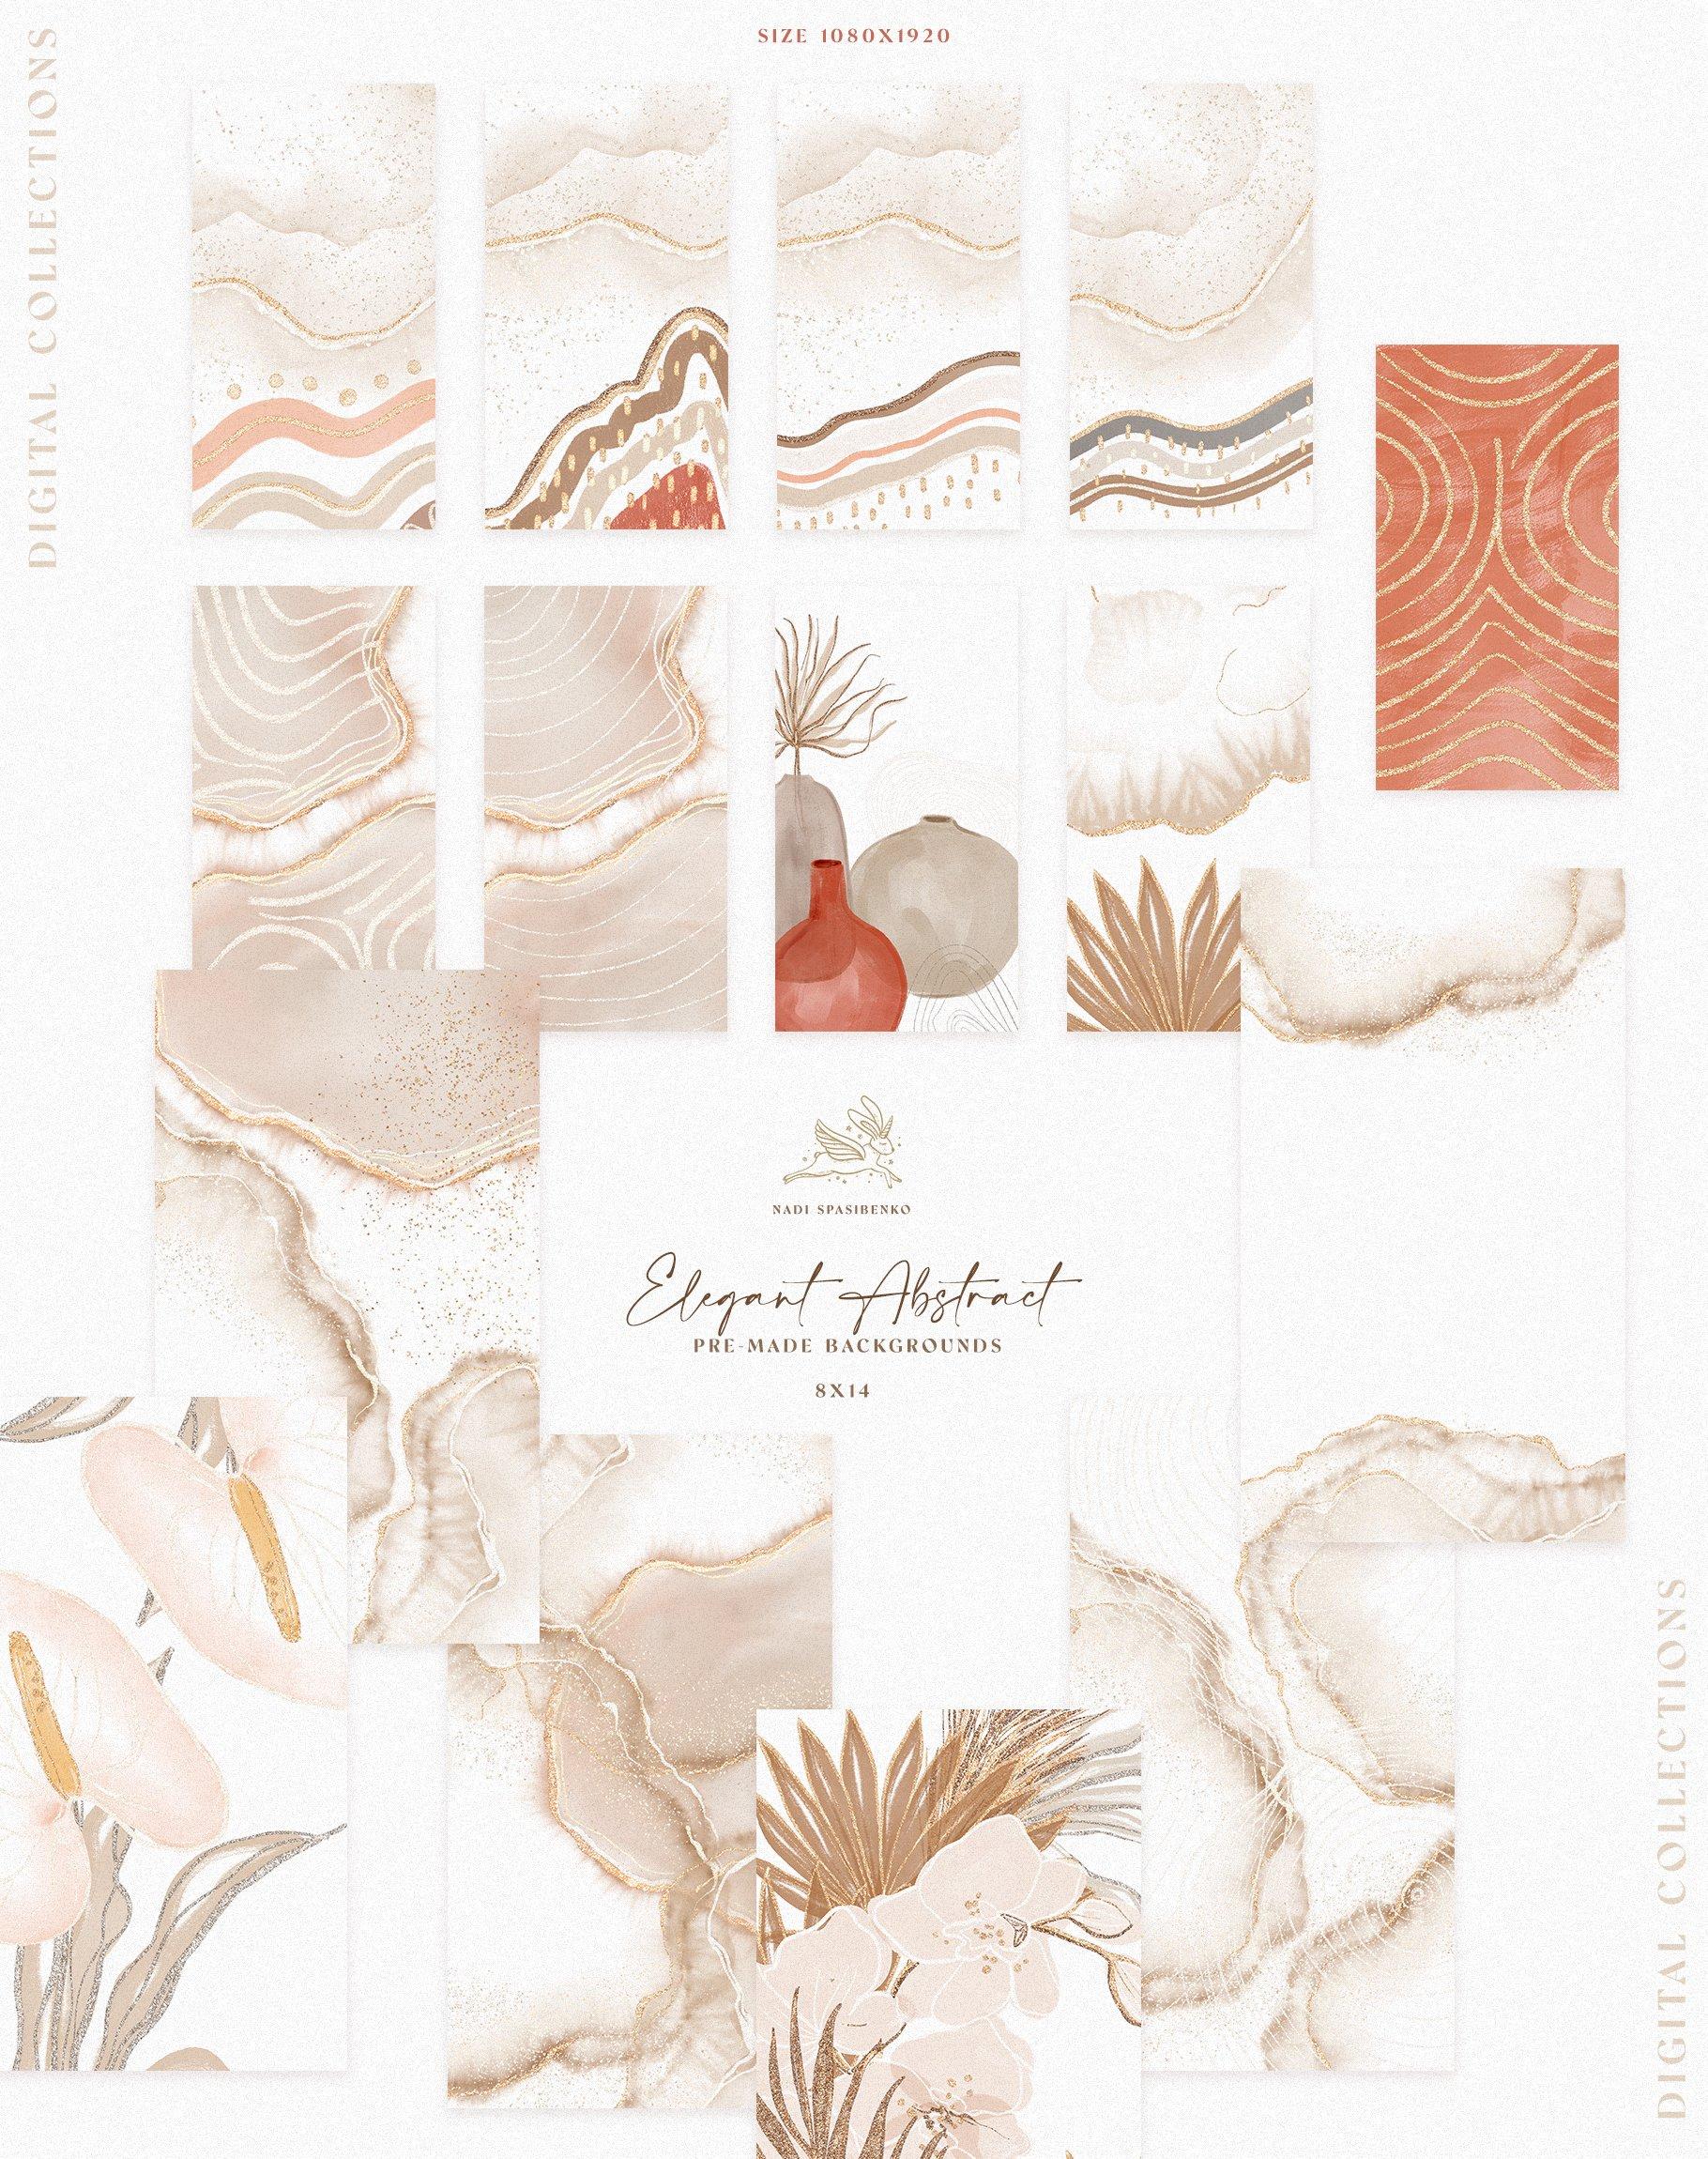 [单独购买] 时尚优雅抽象兰花玫瑰花水彩画金线PNG透明背景图片 Elegant Abstraction Modern插图9